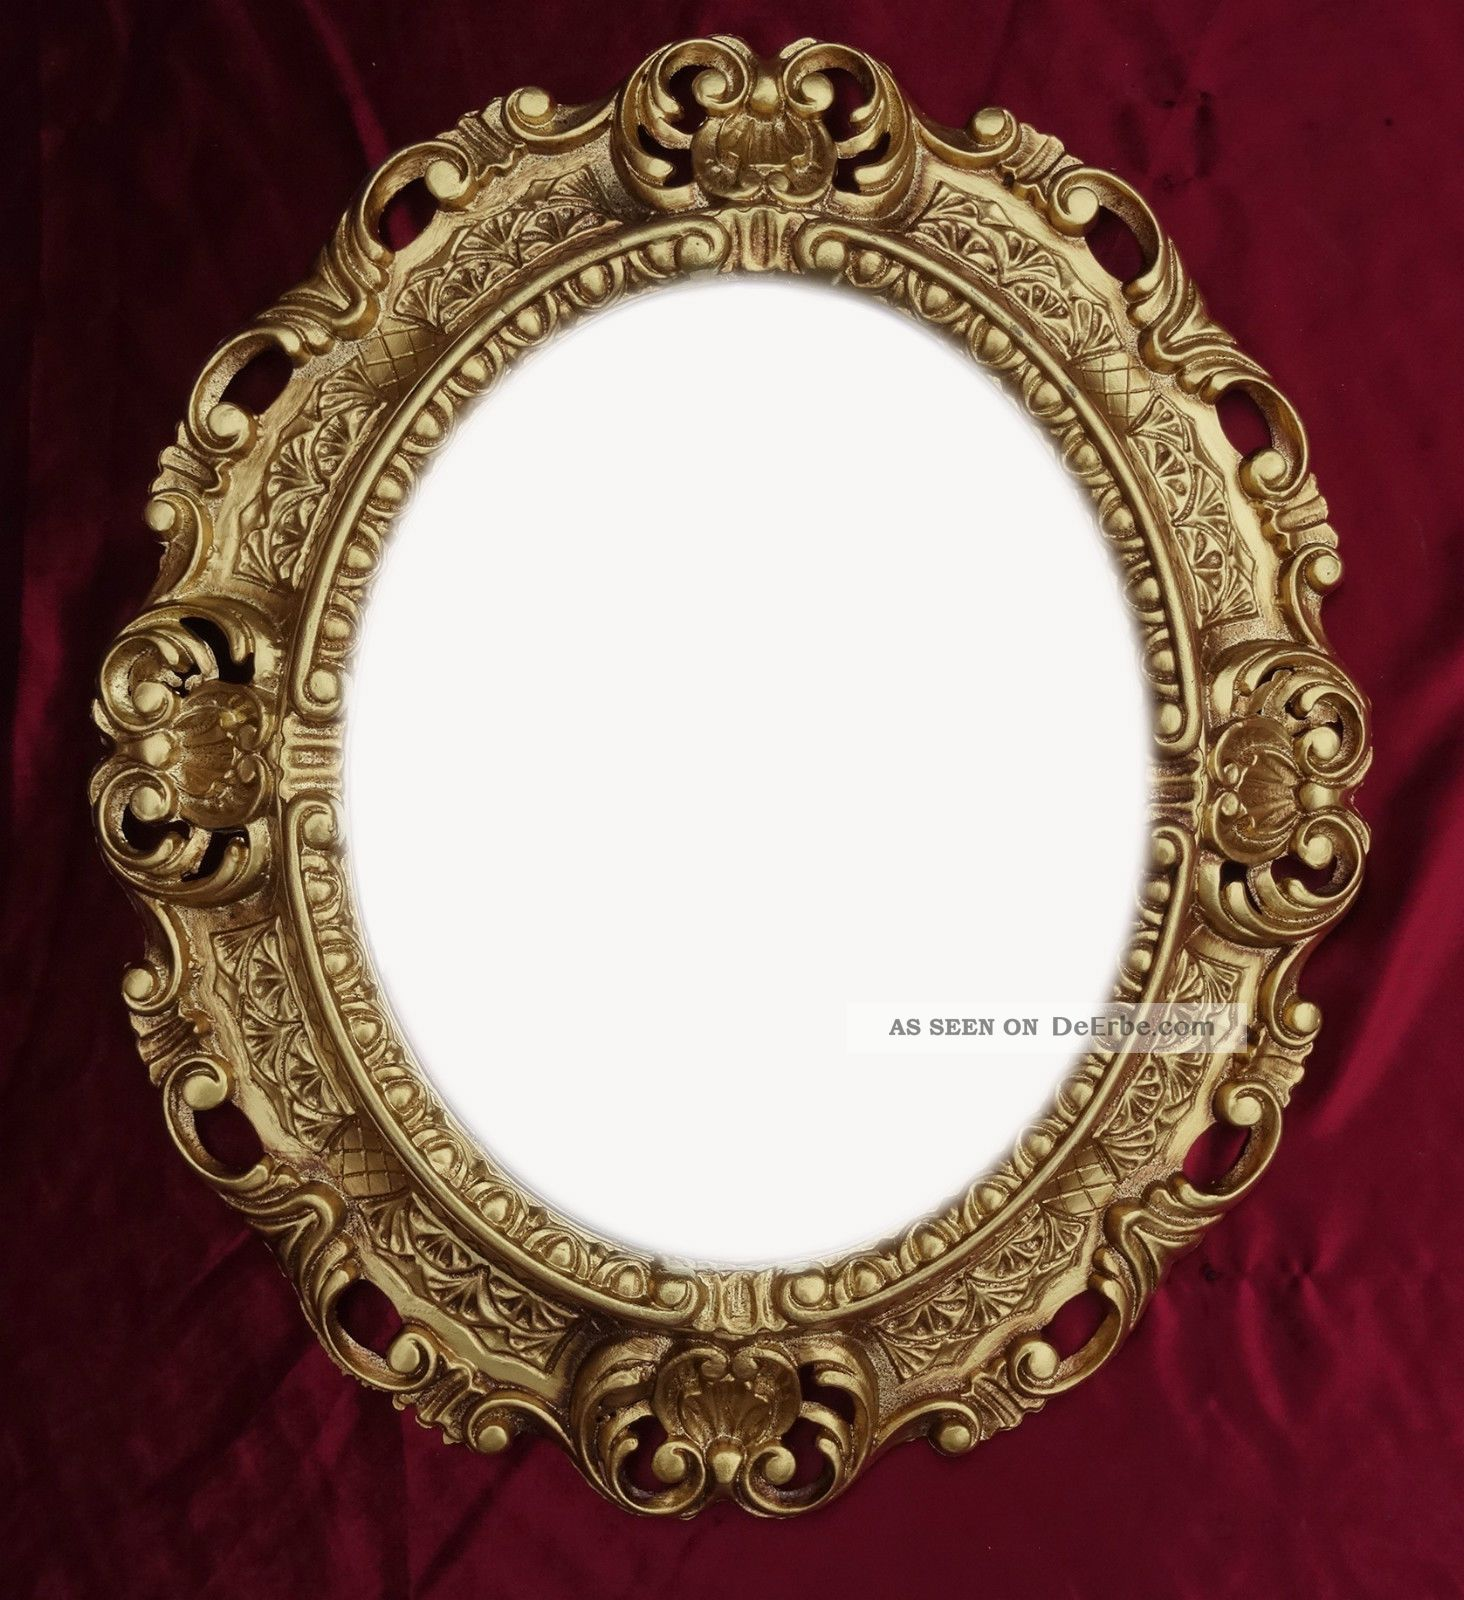 wandspiegel spiegel in gold oval 45 x 38 cm barock antik repro vintage 345 3. Black Bedroom Furniture Sets. Home Design Ideas